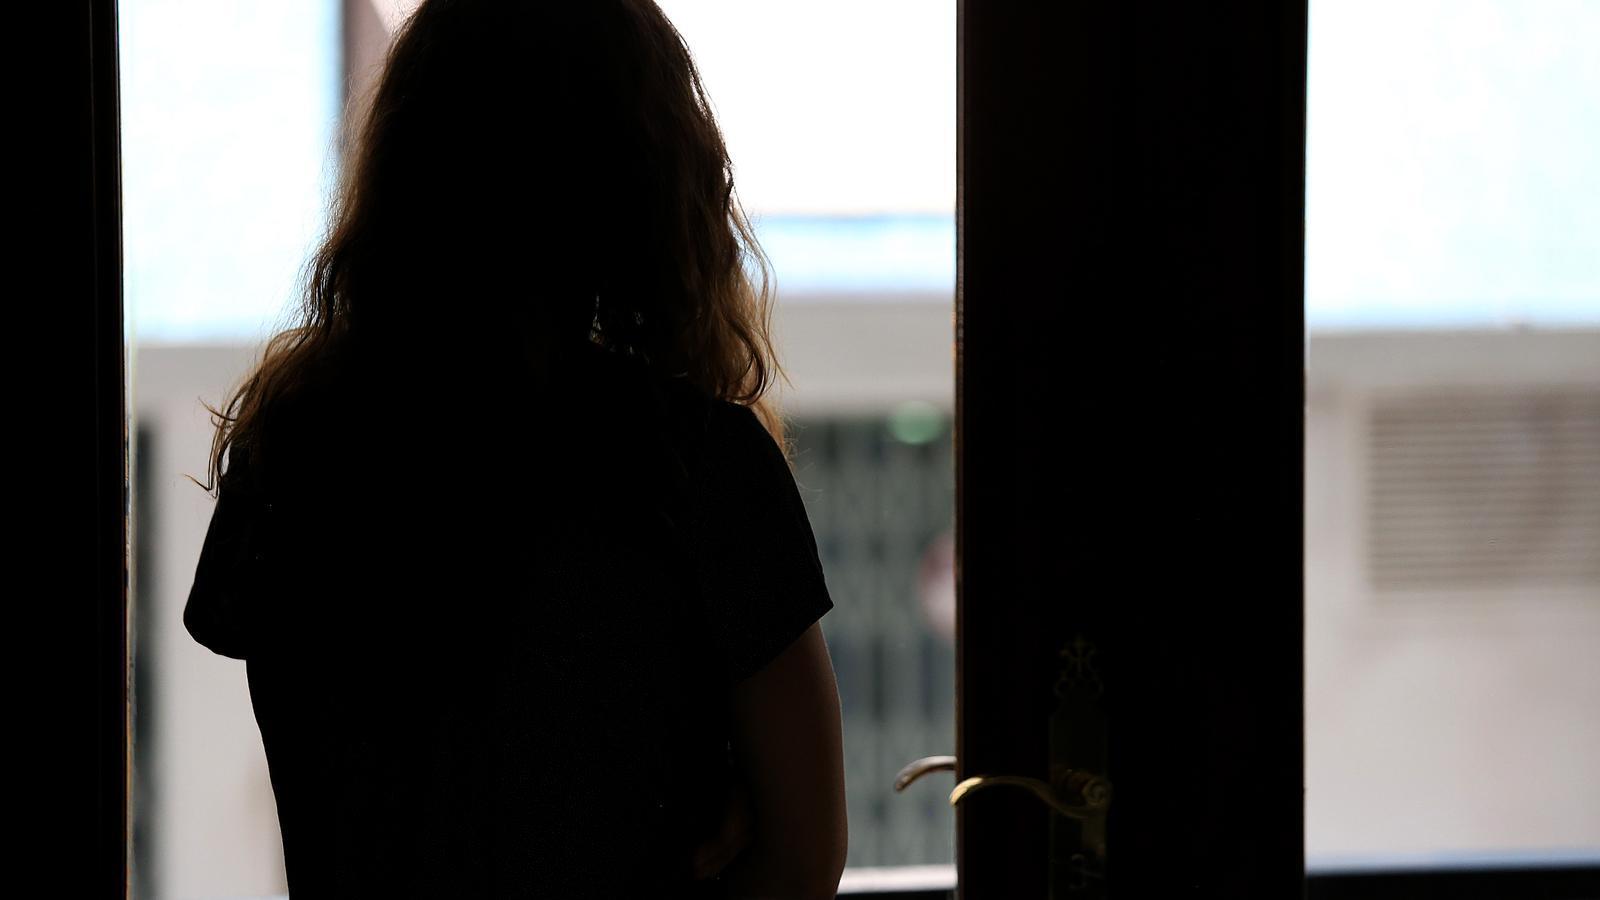 Angoixa, incertesa... Com afecta el confinament la teva salut mental